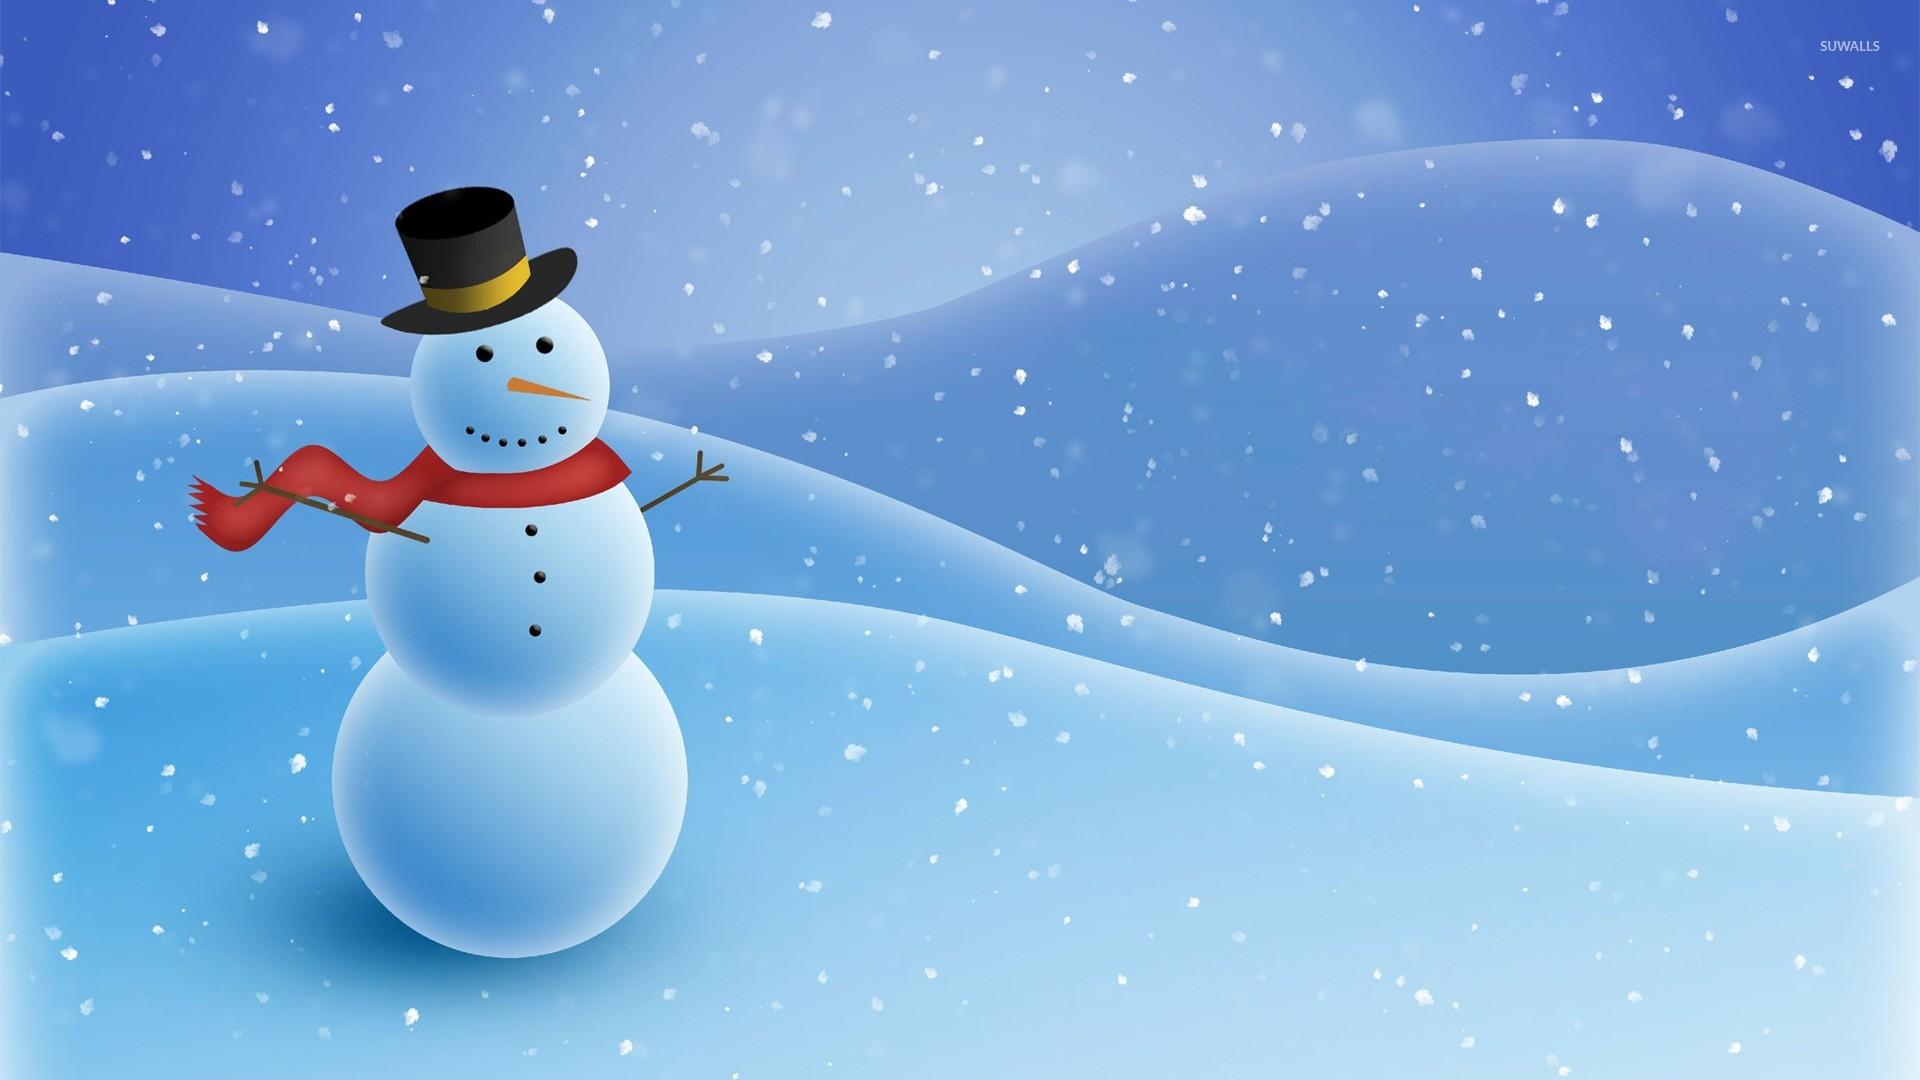 Snowman wallpaper photo hd